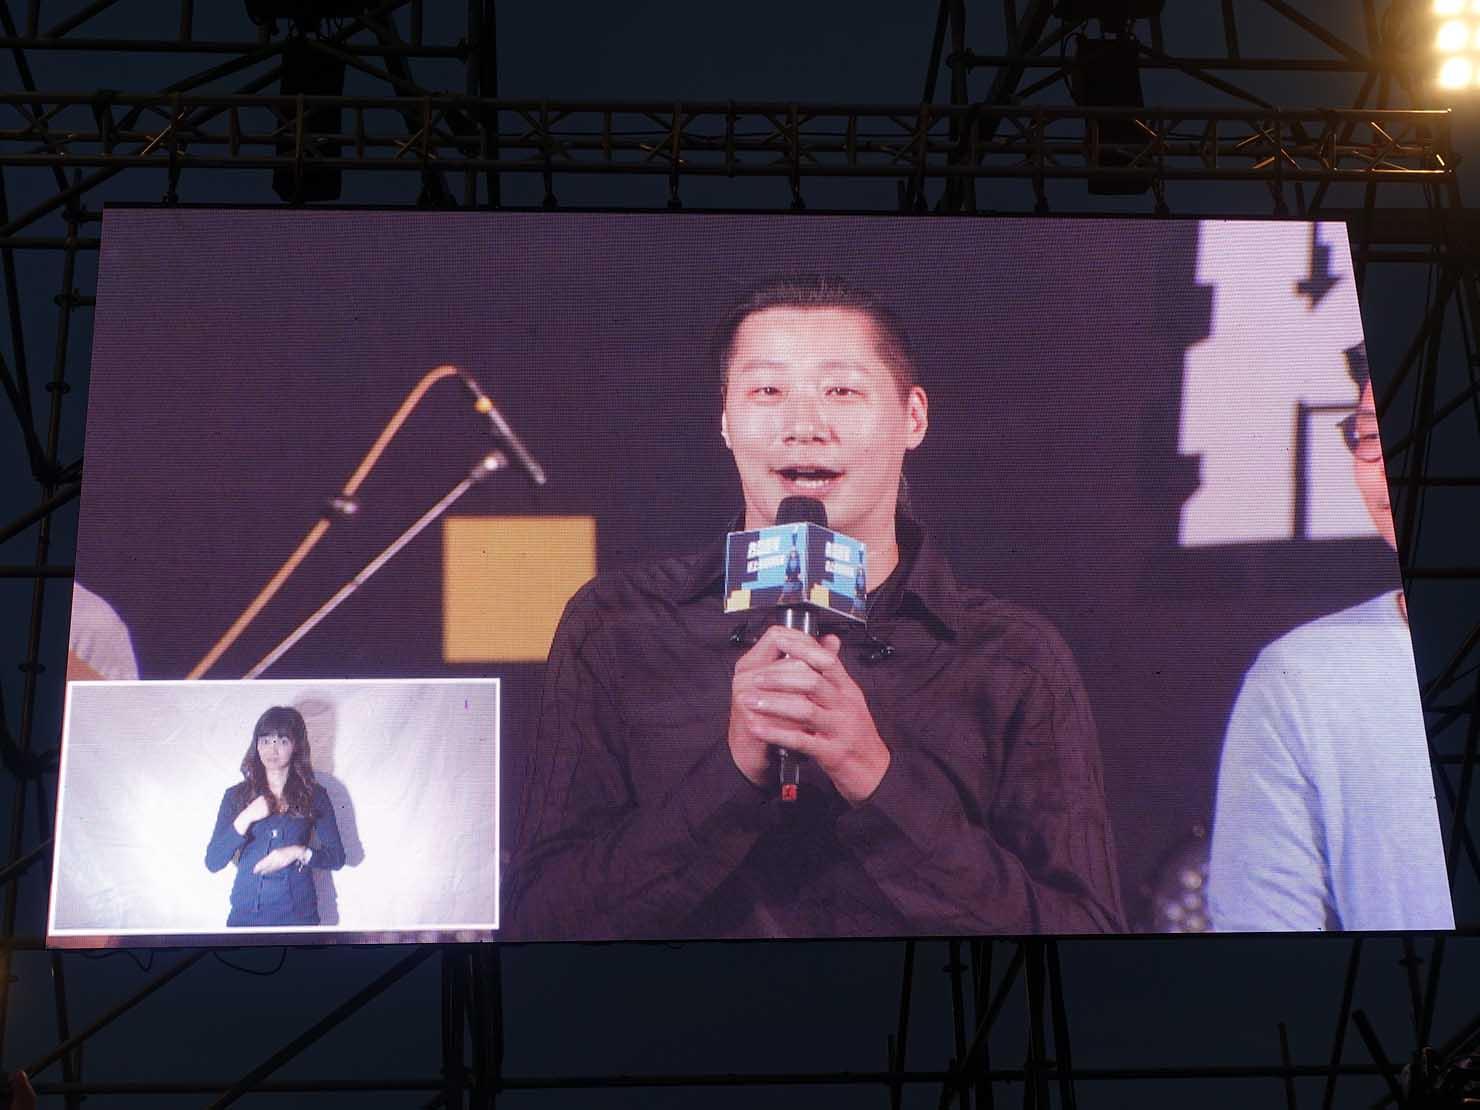 台湾のLGBT音楽イベント『為愛返家音樂會』のステージに立つ立法委員・林昶佐さん